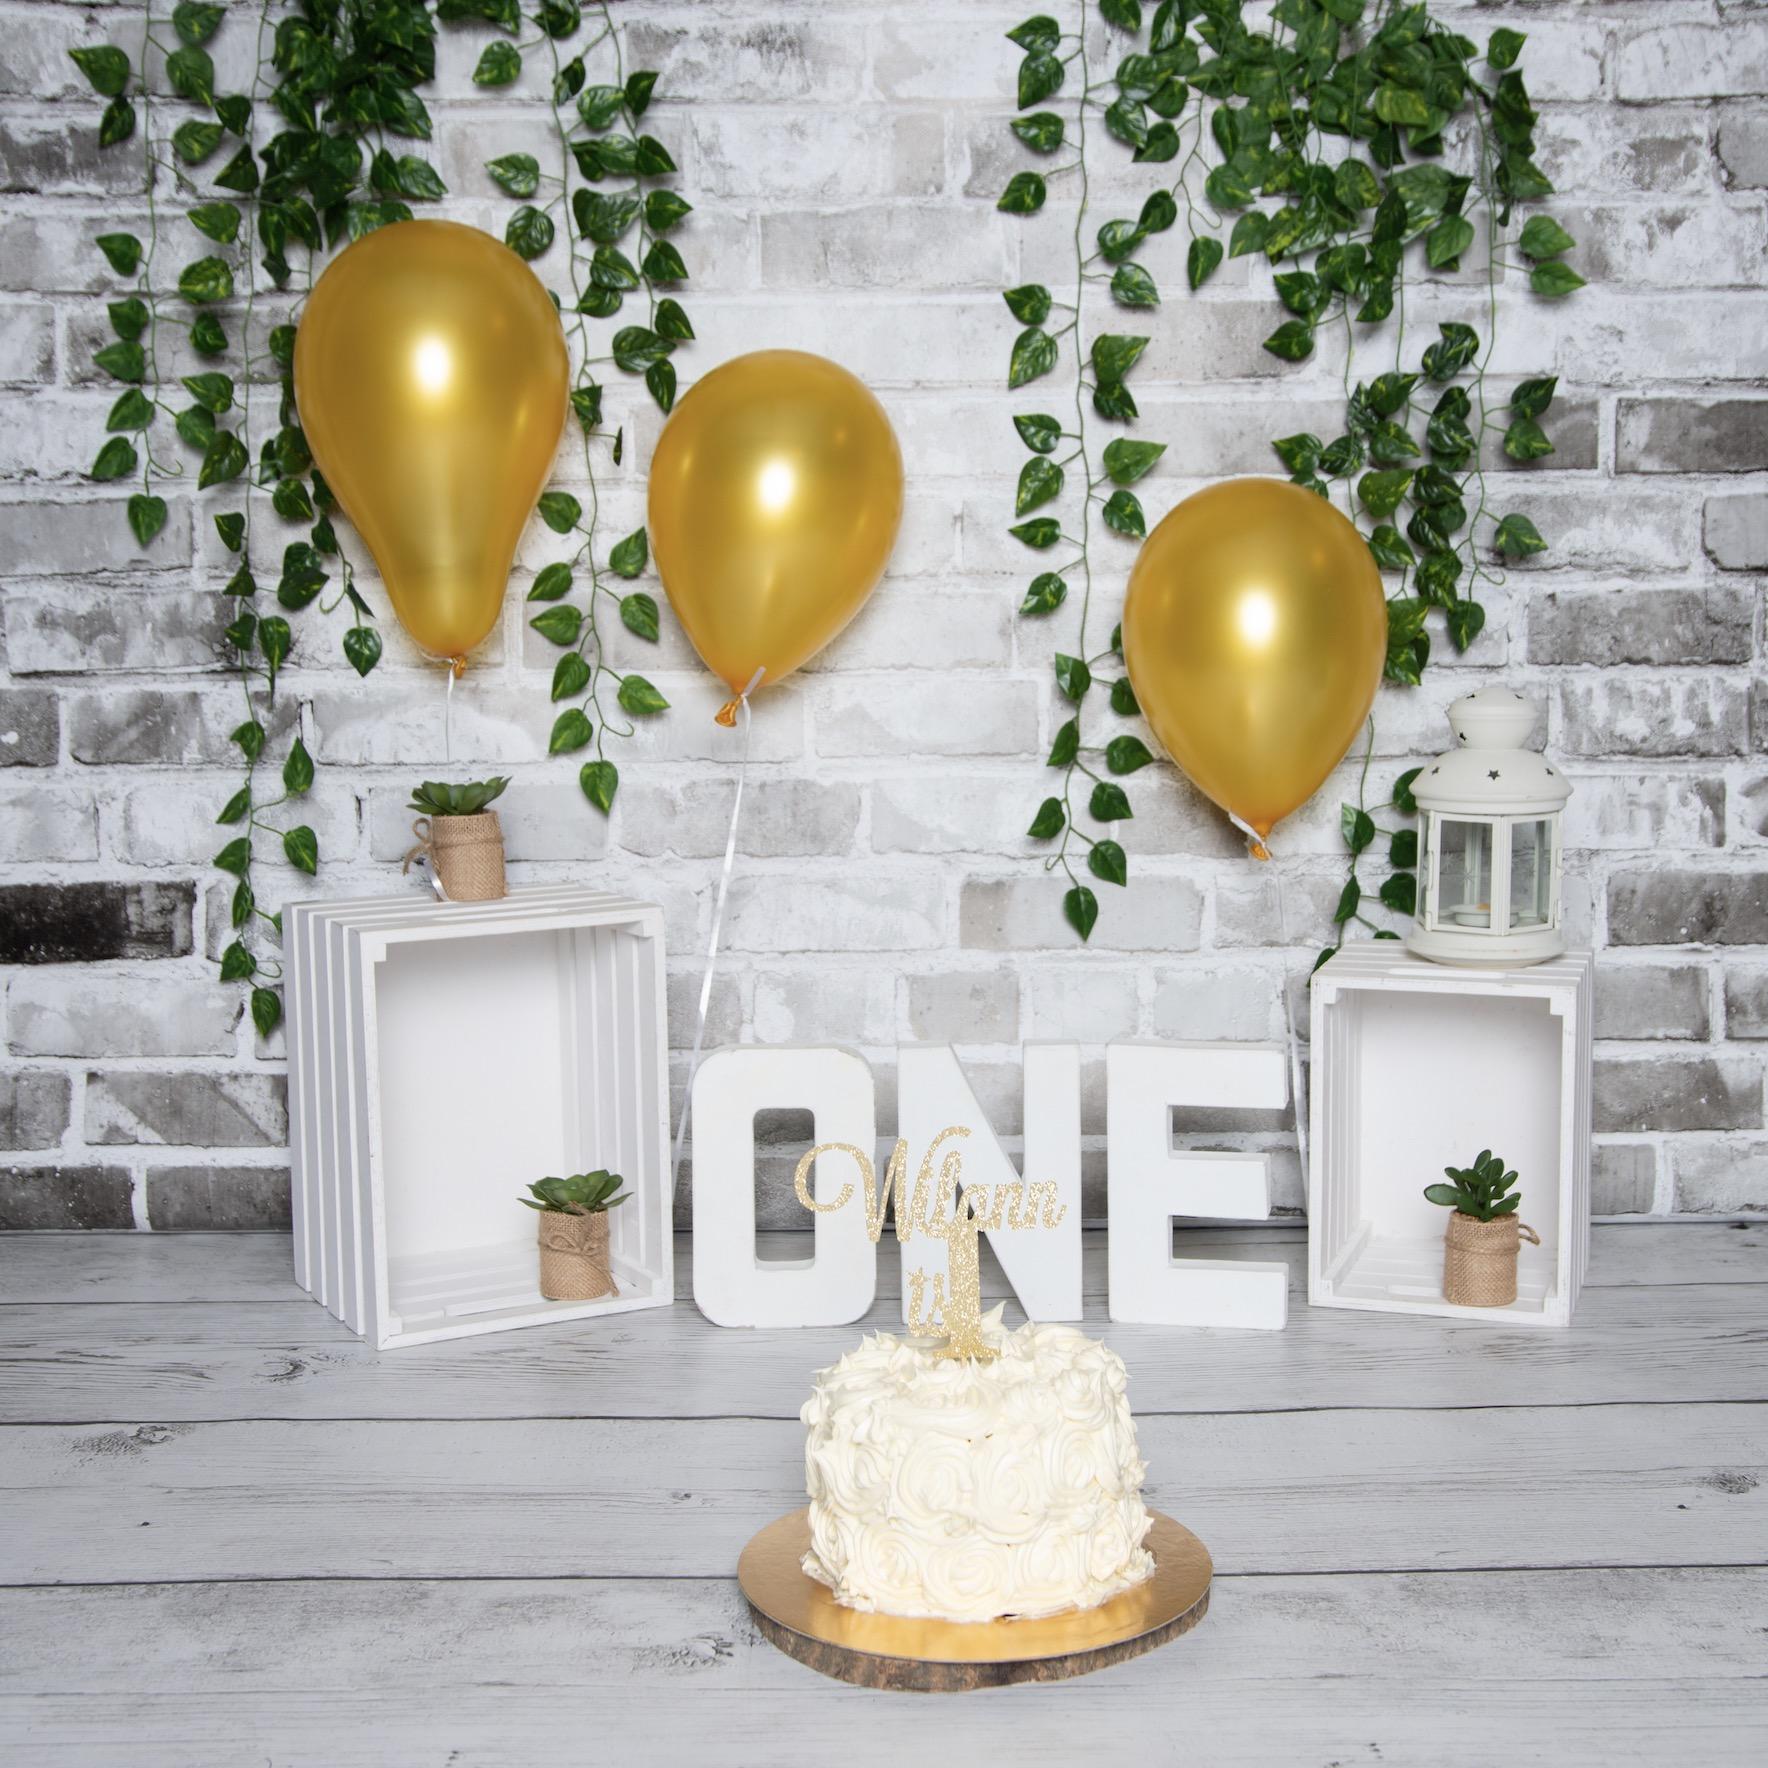 smash-the-cake-proche-paris